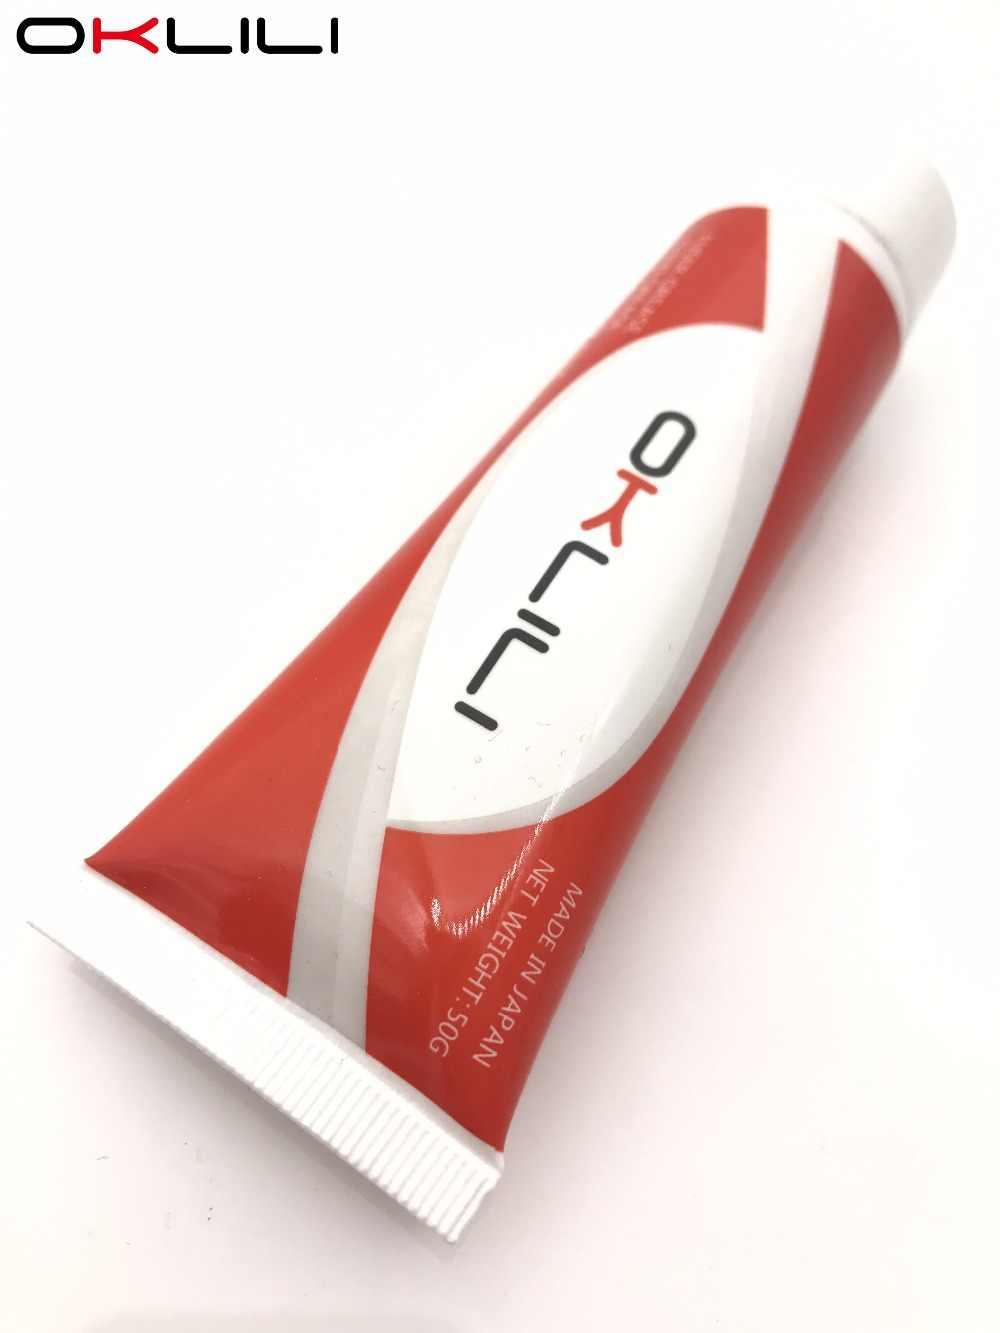 G300 film Fuser Grease Minyak Minyak Silikon 50 gram untuk HP M1132 P1505 M1522 4250 P3015 P3005 5200 M5025 4200 4345 2200 5100 5000